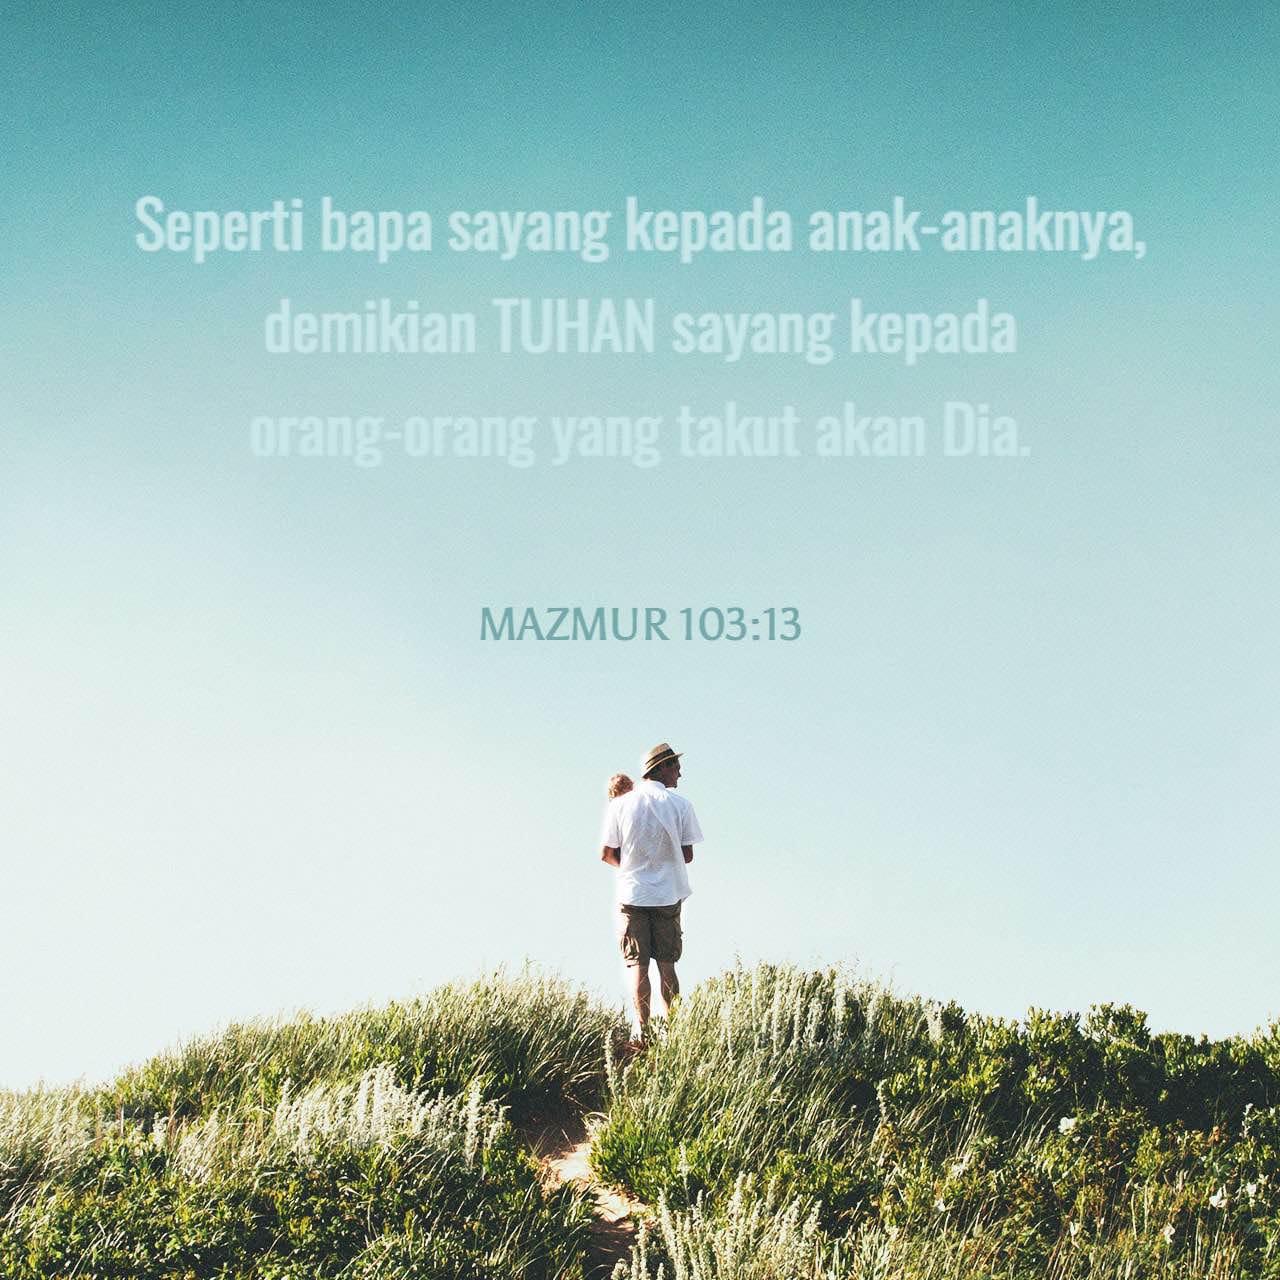 Gambar Ayat untuk Mazmur 103:13